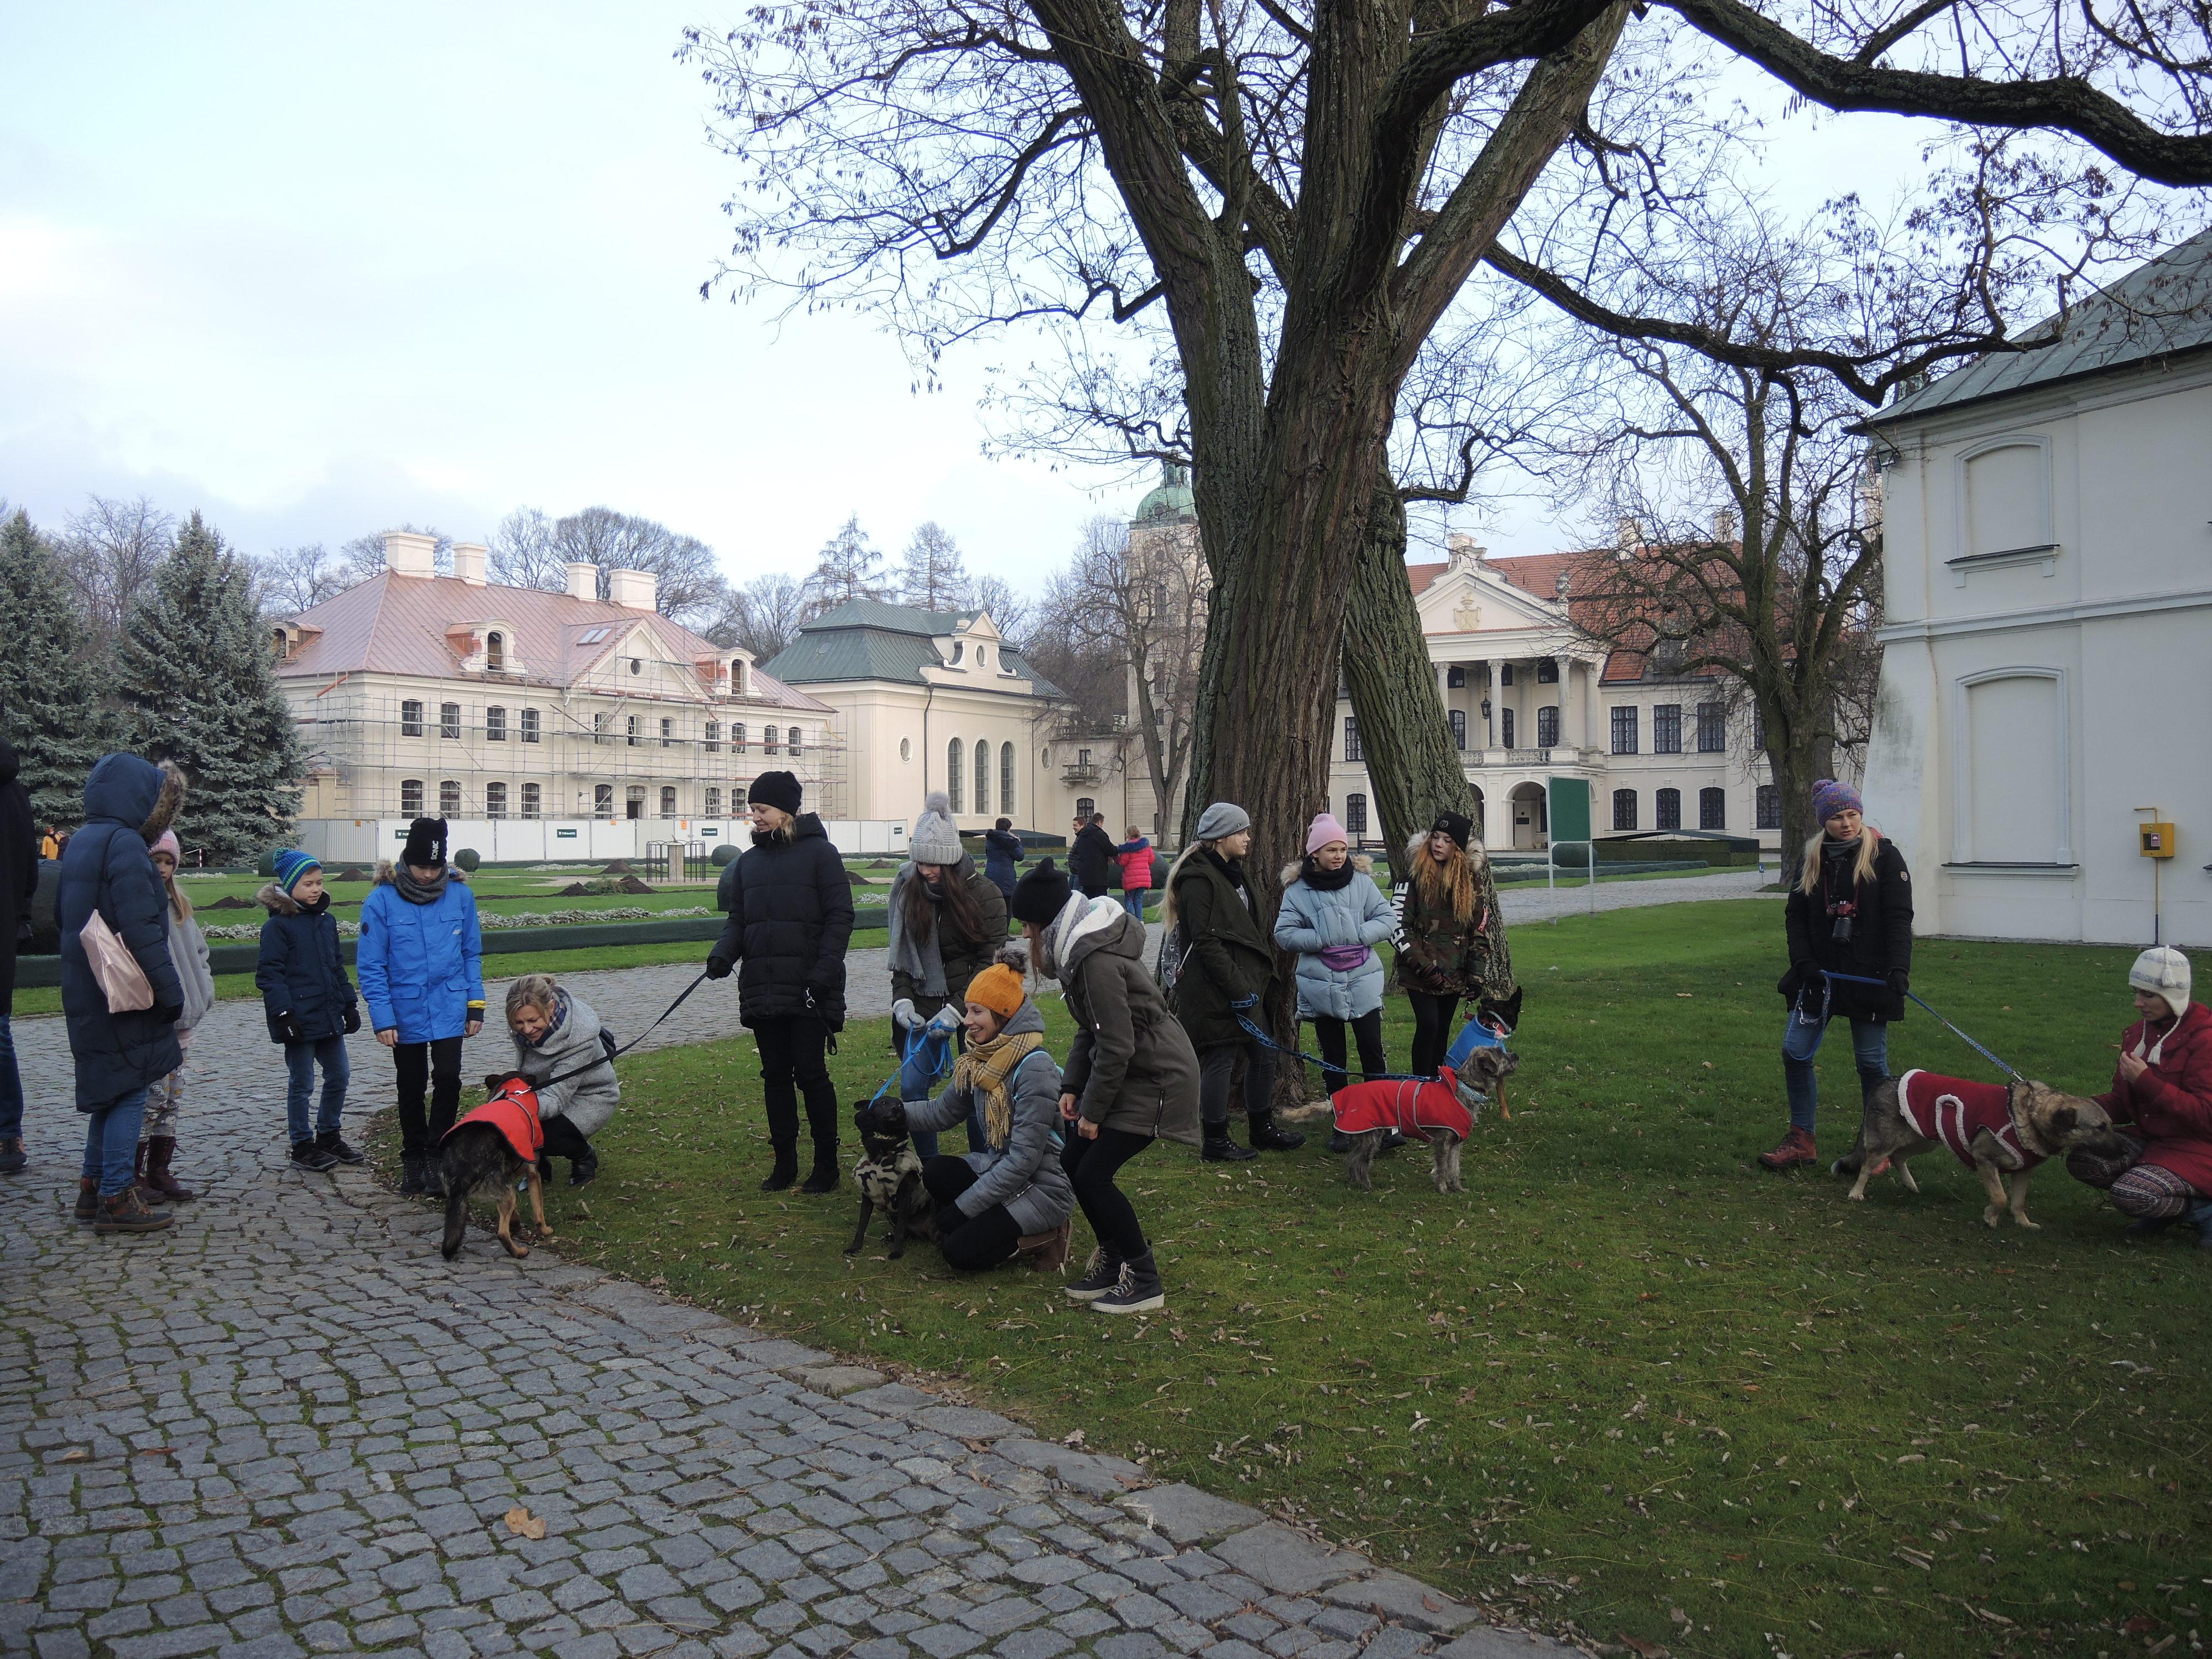 Fotografia. Grupa stojących ludzi w kolorowych ciepłych kurtkach i czapkach, pogrupowana po kilka osób. Niektóre osoby przykucnięte. Rozmawiają, śmieją się. Towarzyszą im cztery psy na smyczach ubrane w kolorowe kubraczki. W tle okazała dwukondygnacyjna rezydencja z portykiem i czerwonym dwuspadowym dachem oraz pobocznymi budynkami.